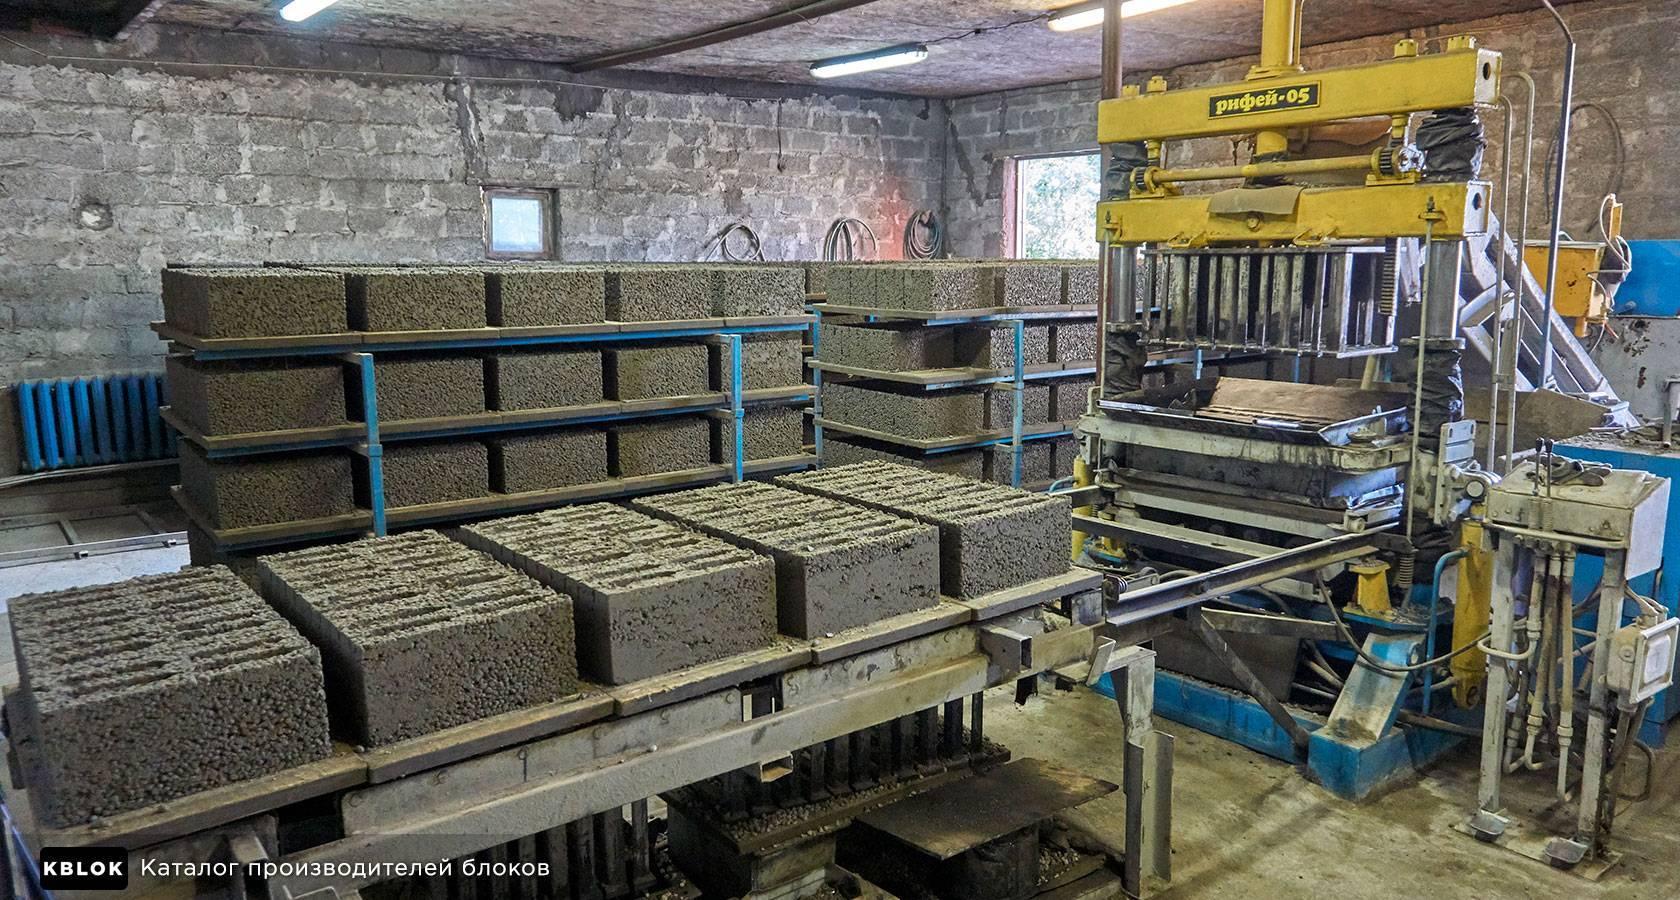 Керамзитобетонные блоки своими руками: изготовление, оборудование, пропорции (видео)